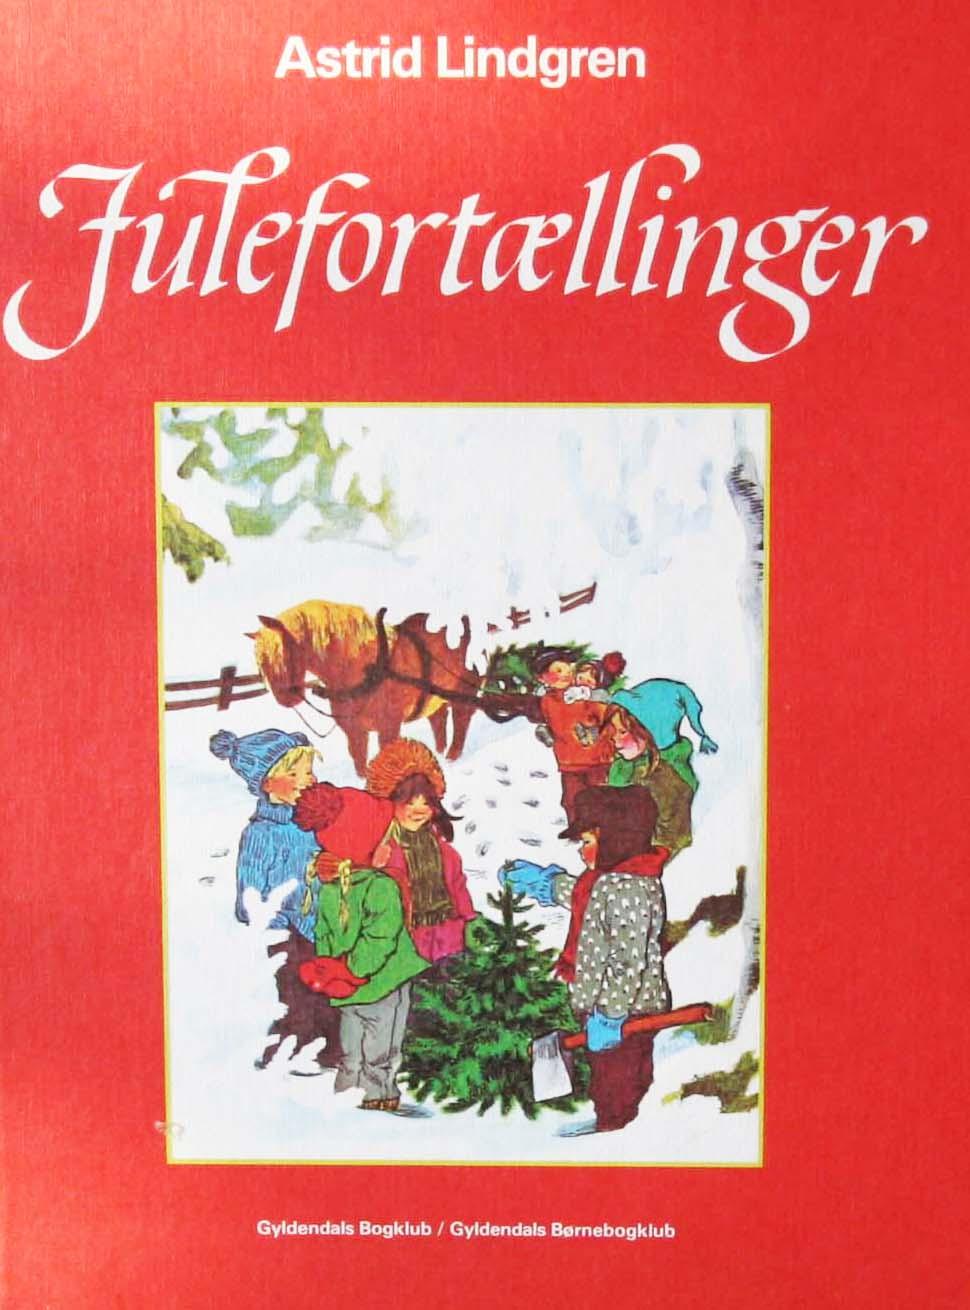 Astrid Lindgren Julefortællinger